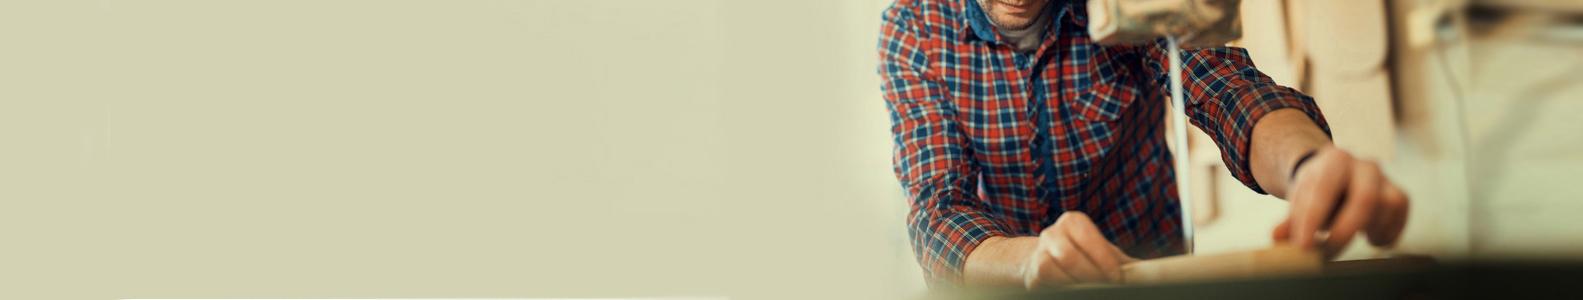 Juostinės pjovimo staklės  Pažangios, aukštos kokybės juostinės pjovimo staklės